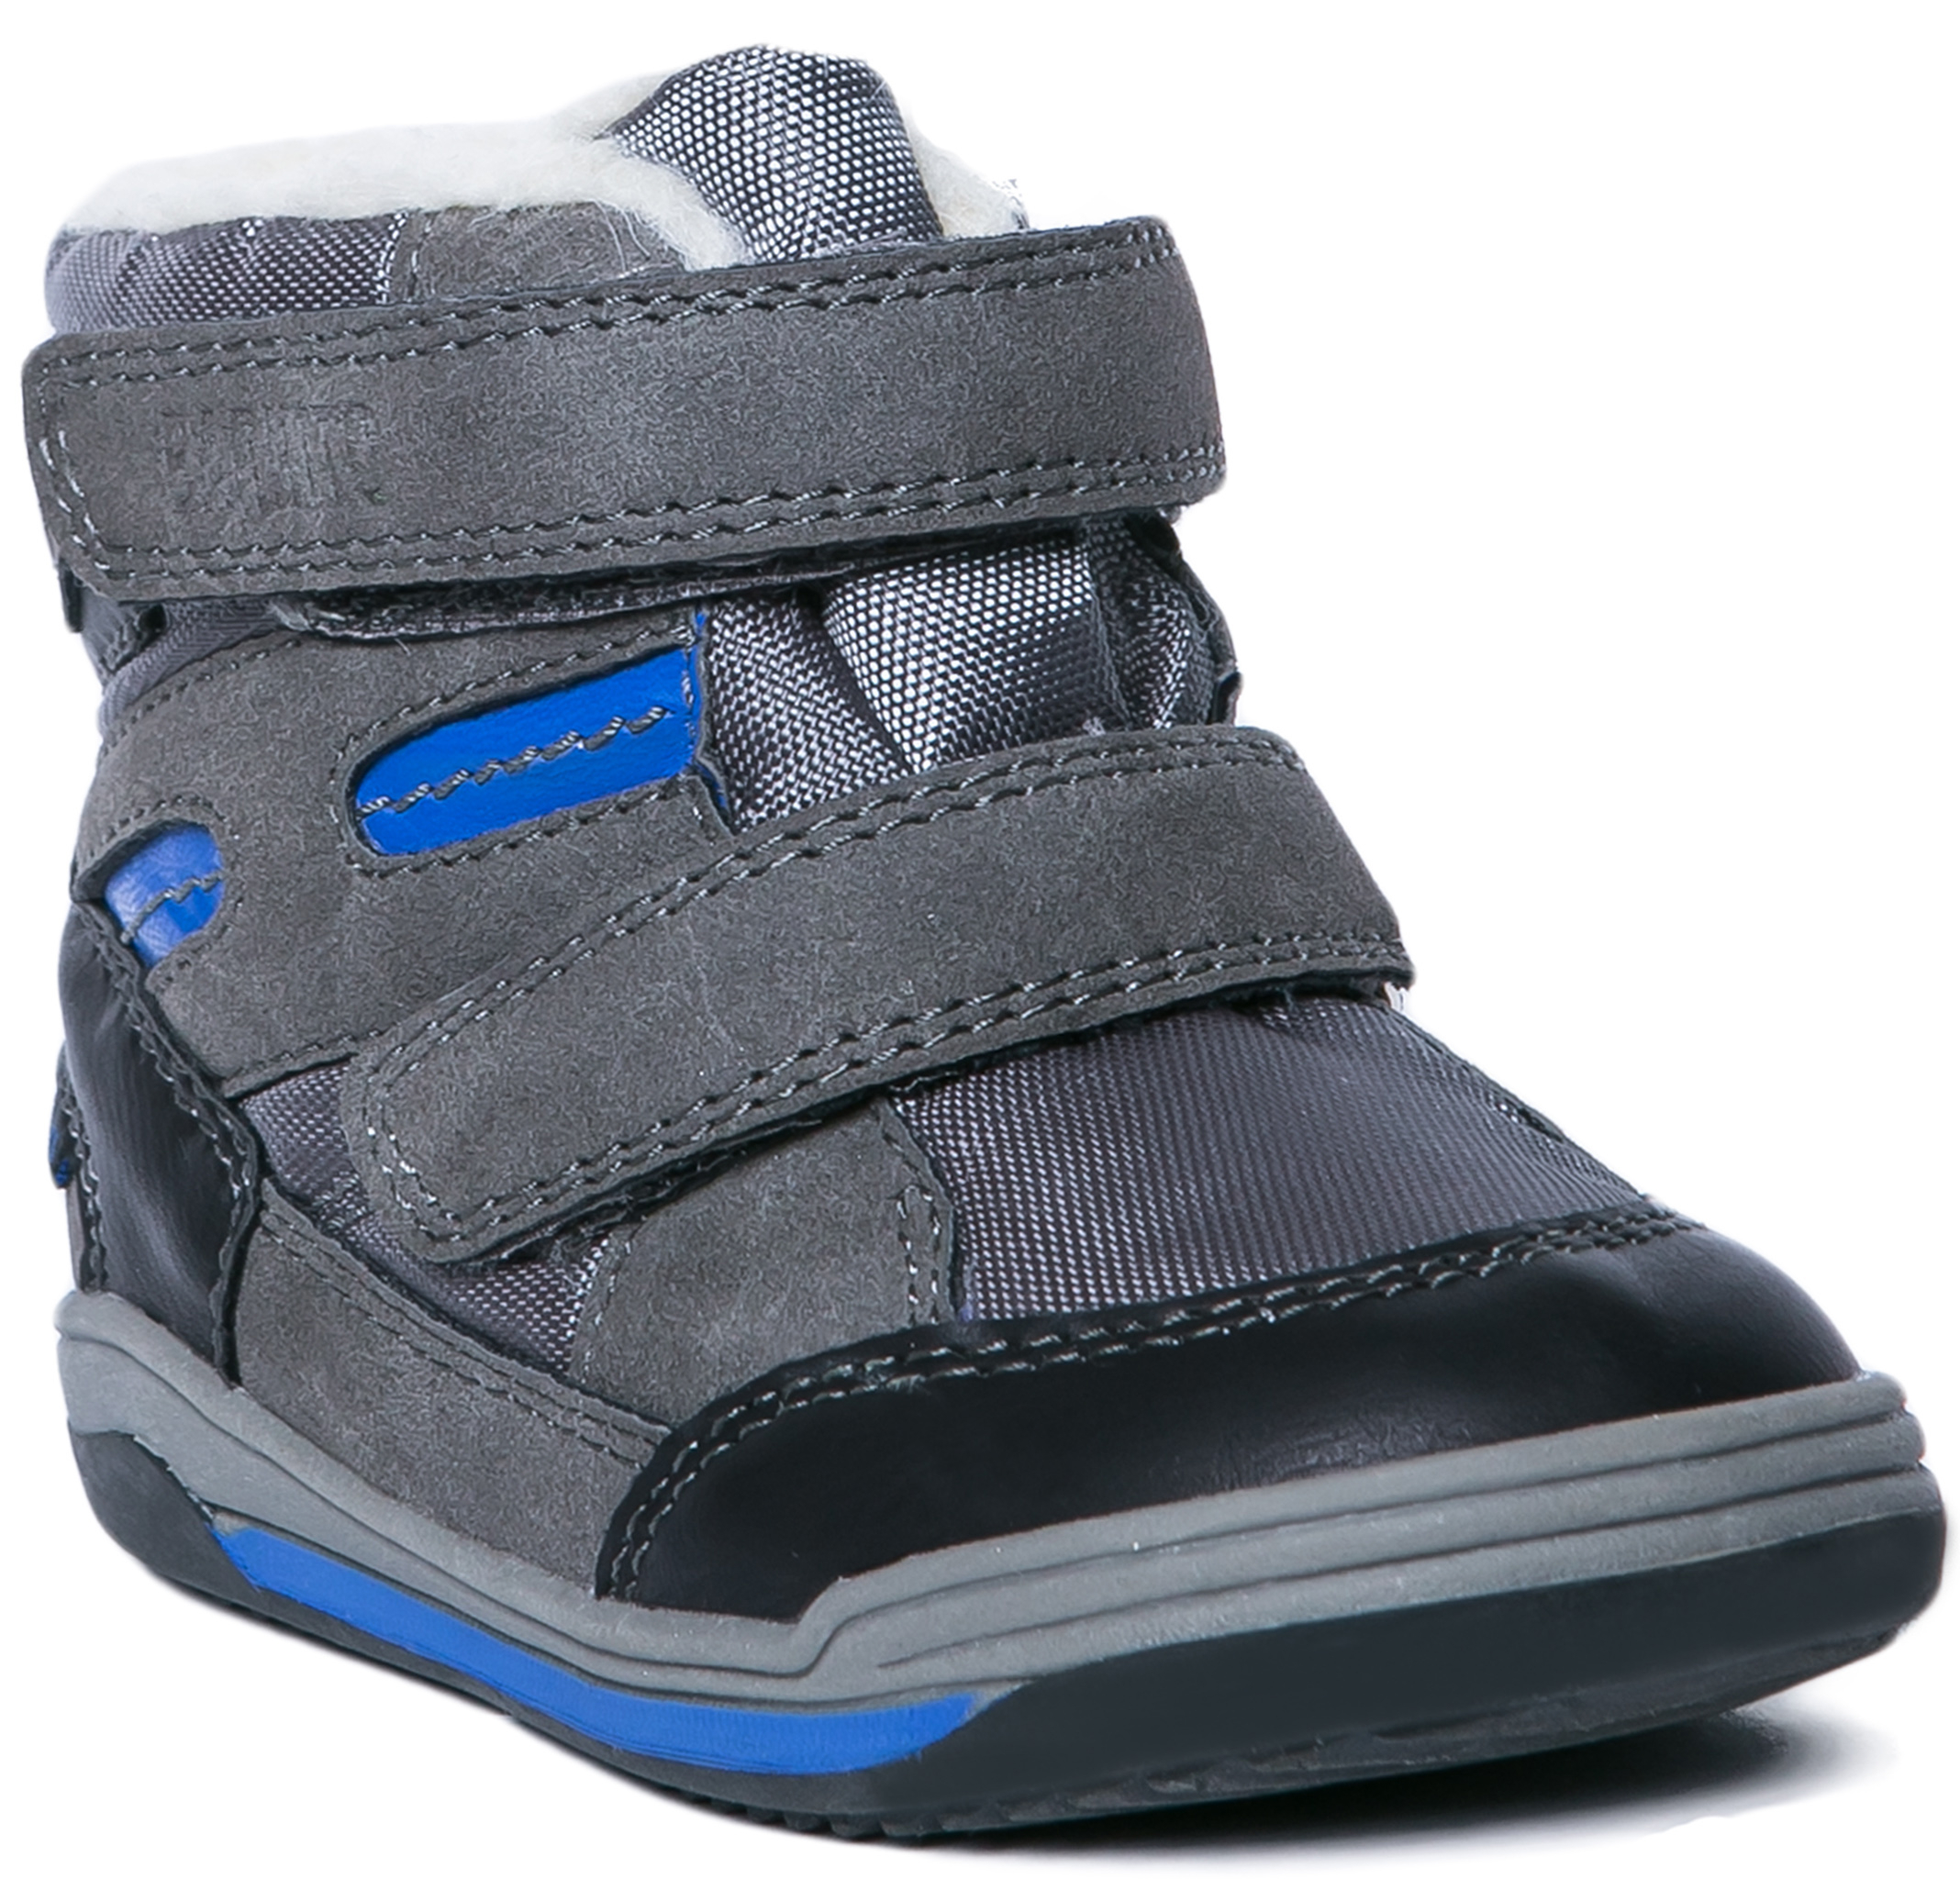 Ботинки  полуботинки Barkito  для мальчика , серые